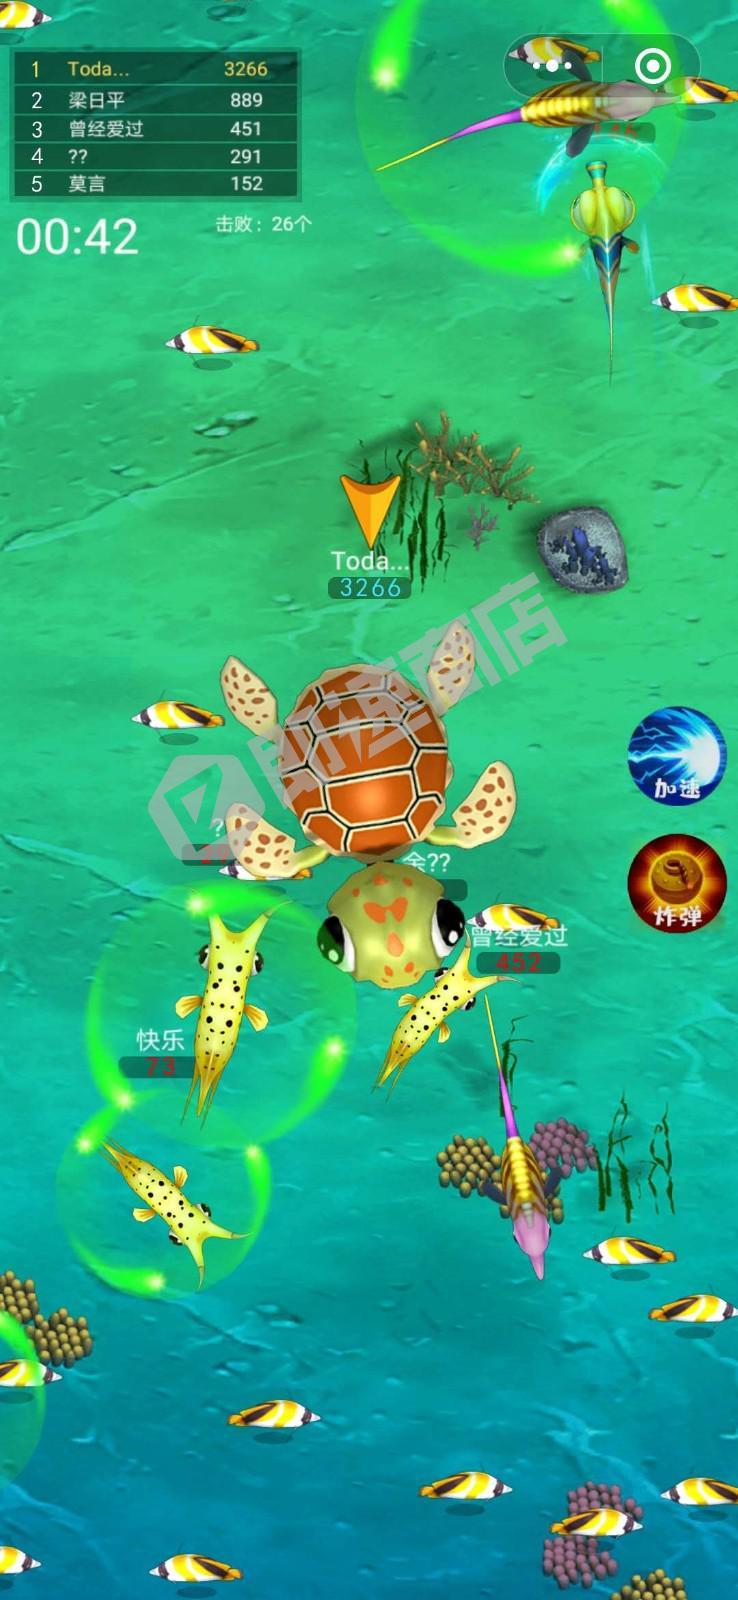 深海大战小程序详情页截图1